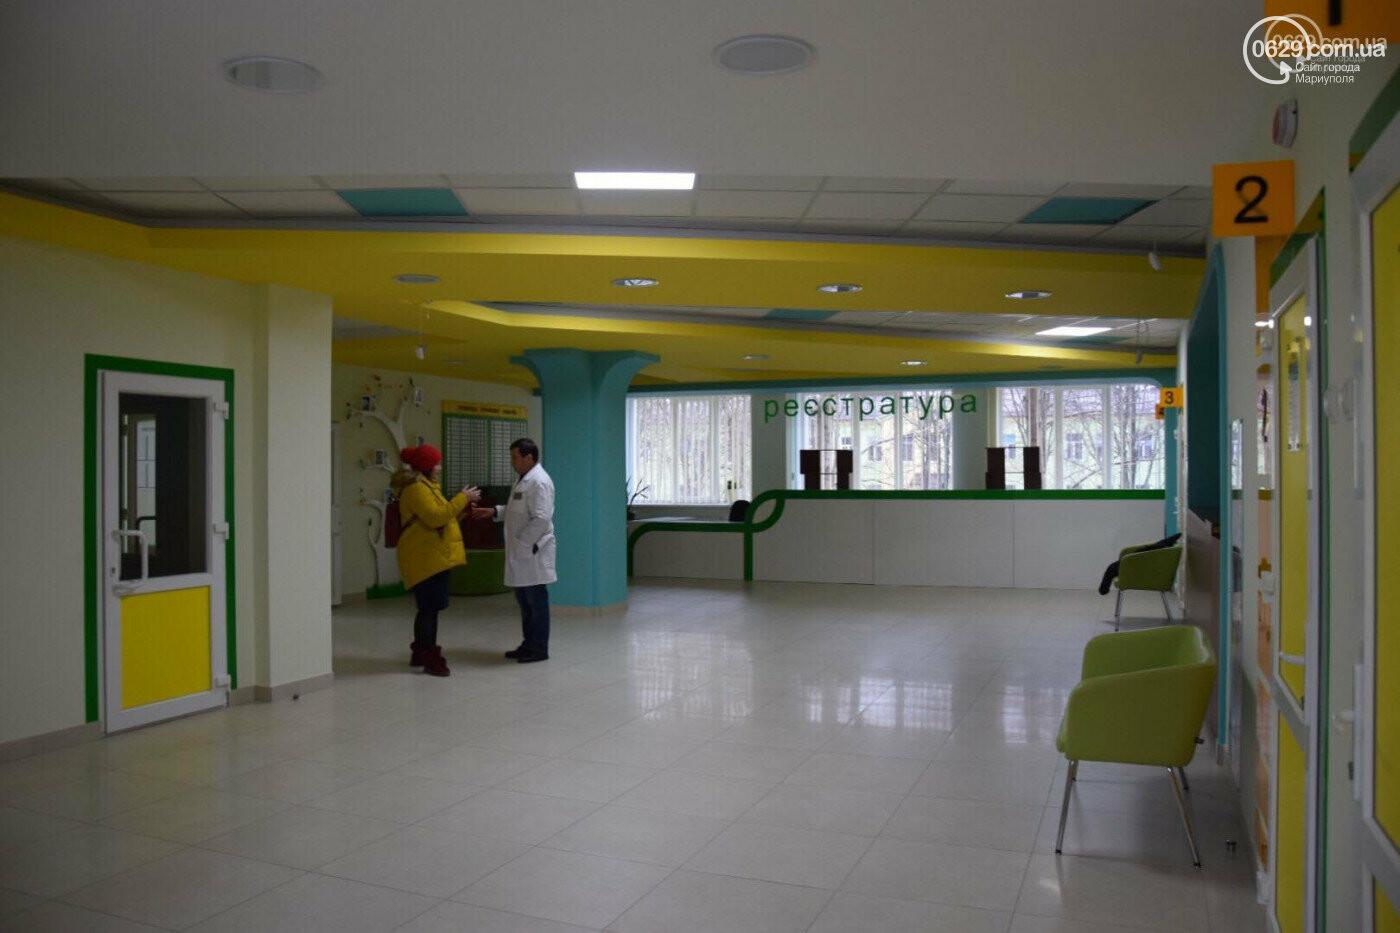 Что произошло с травматологиями, реанимациями и хирургиями, зачем больницам директора, и какие операции в Мариуполе делают бесплатно, фото-1